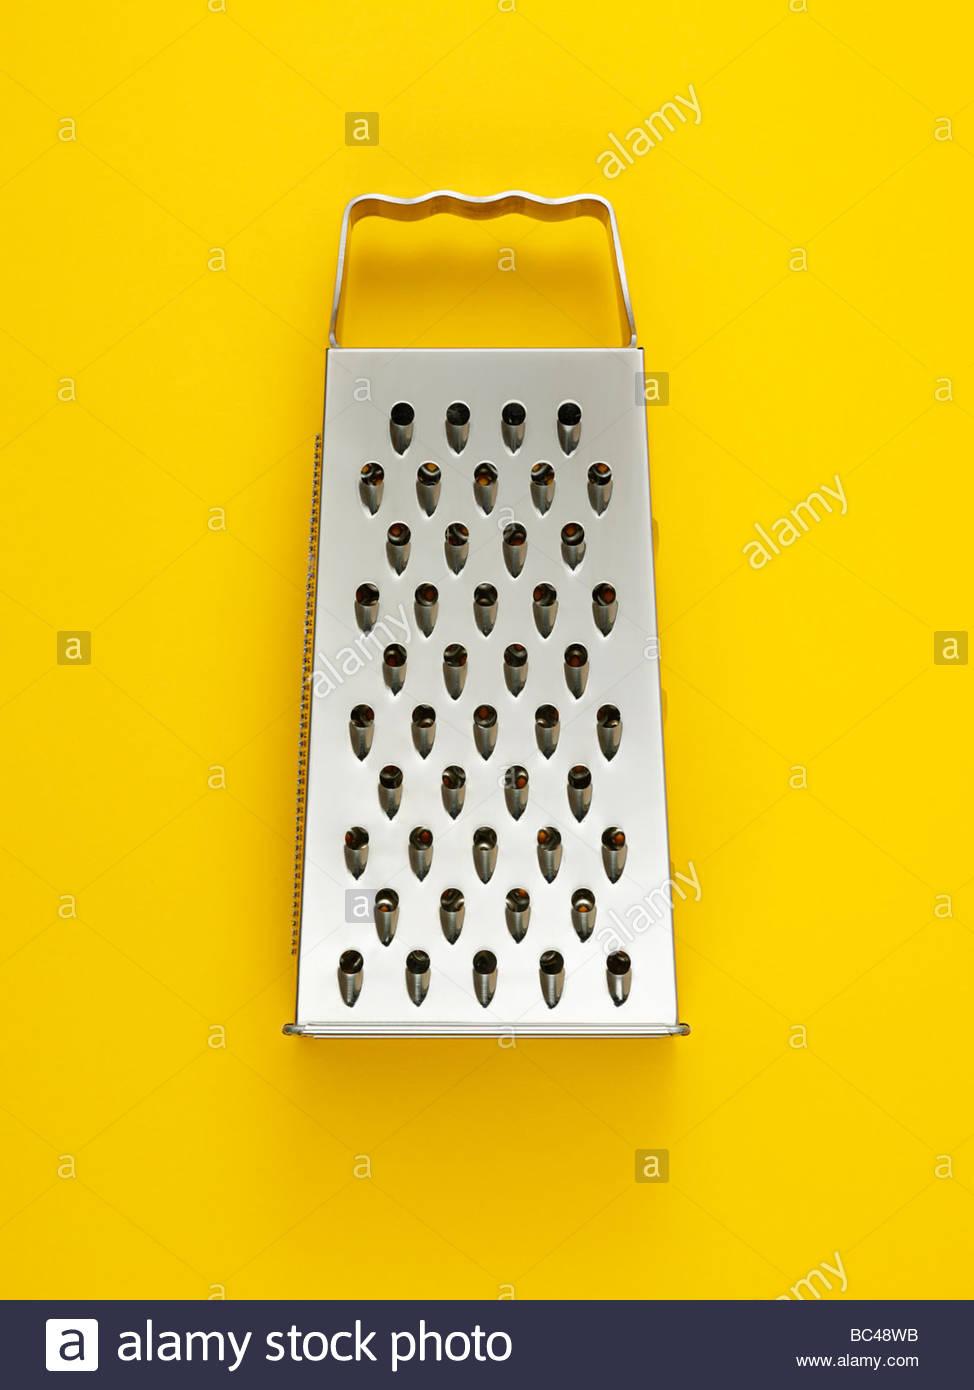 Une râpe à fromage photographié sur un fond jaune frais généraux Photo Stock